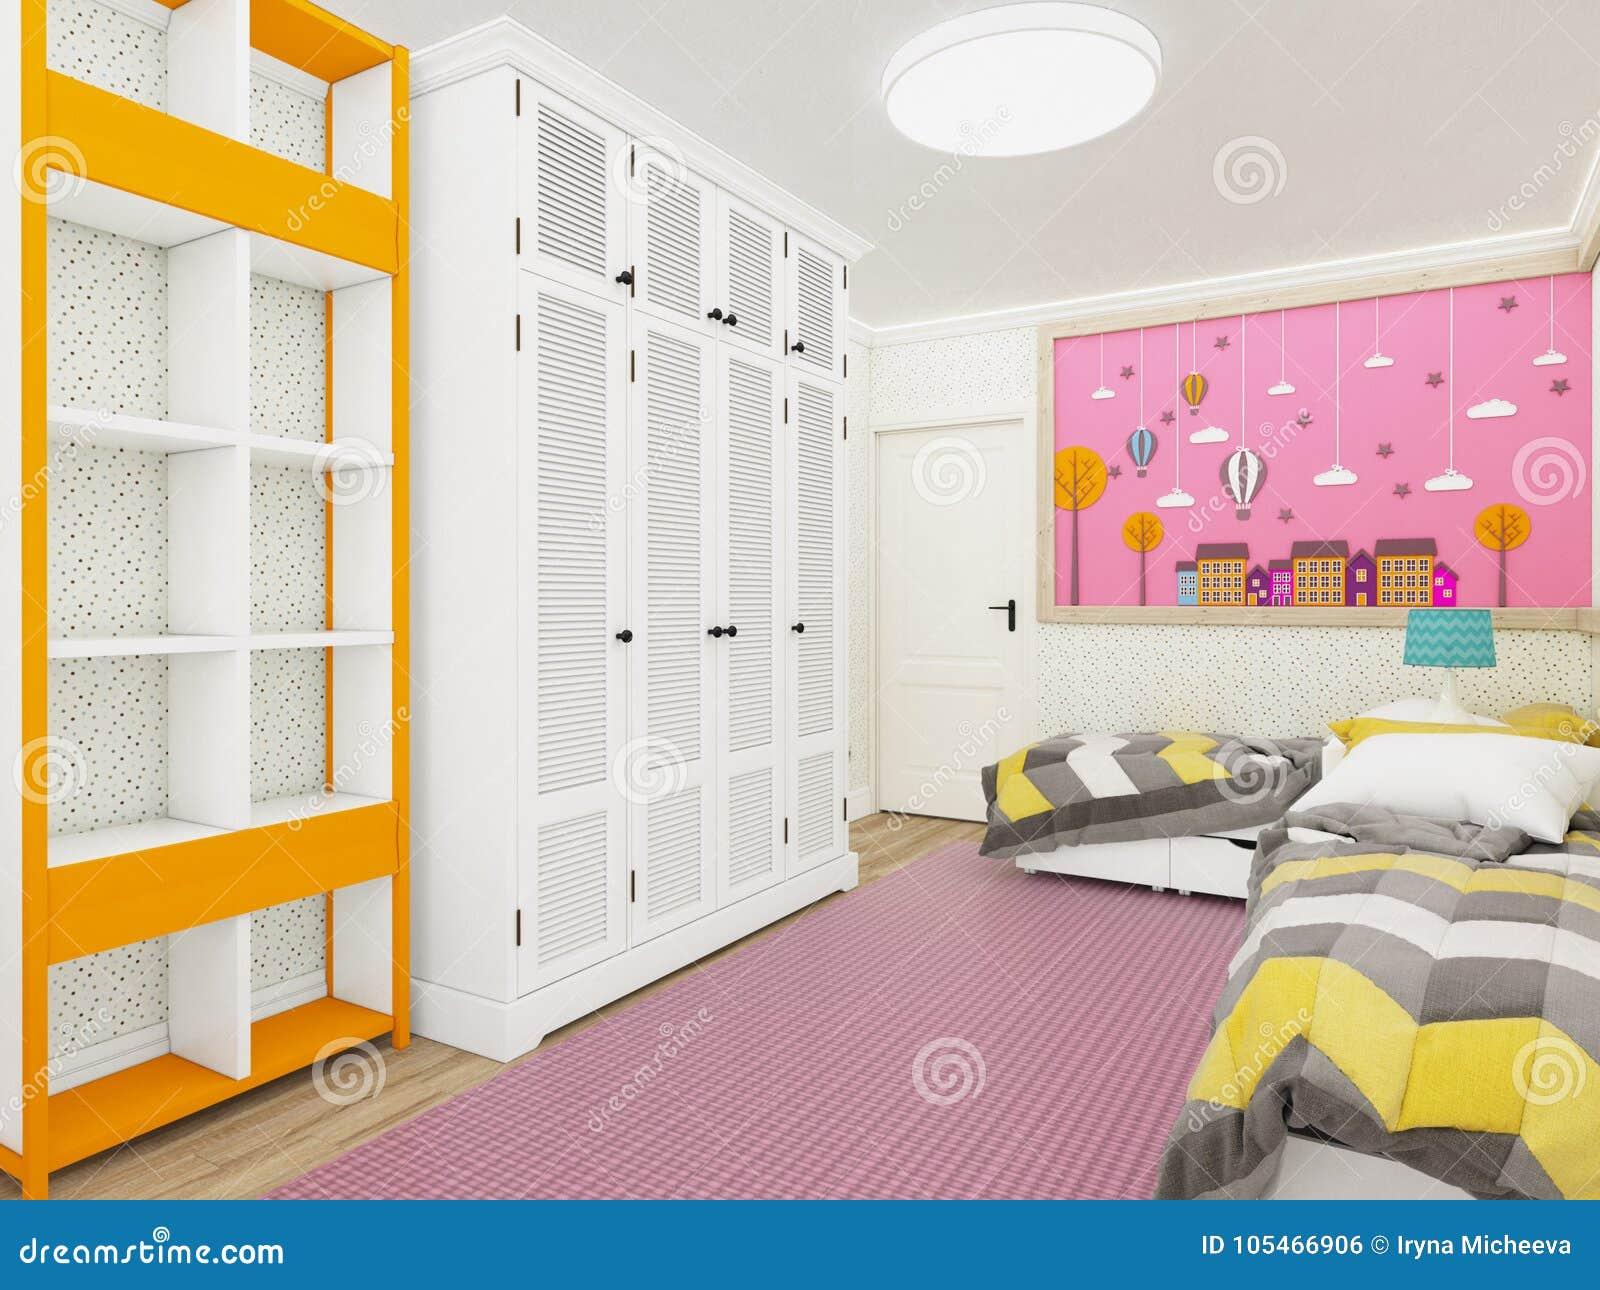 comfortabele meisjes s slaapkamer in roze met garderobe en leuke decoratie op de muur het